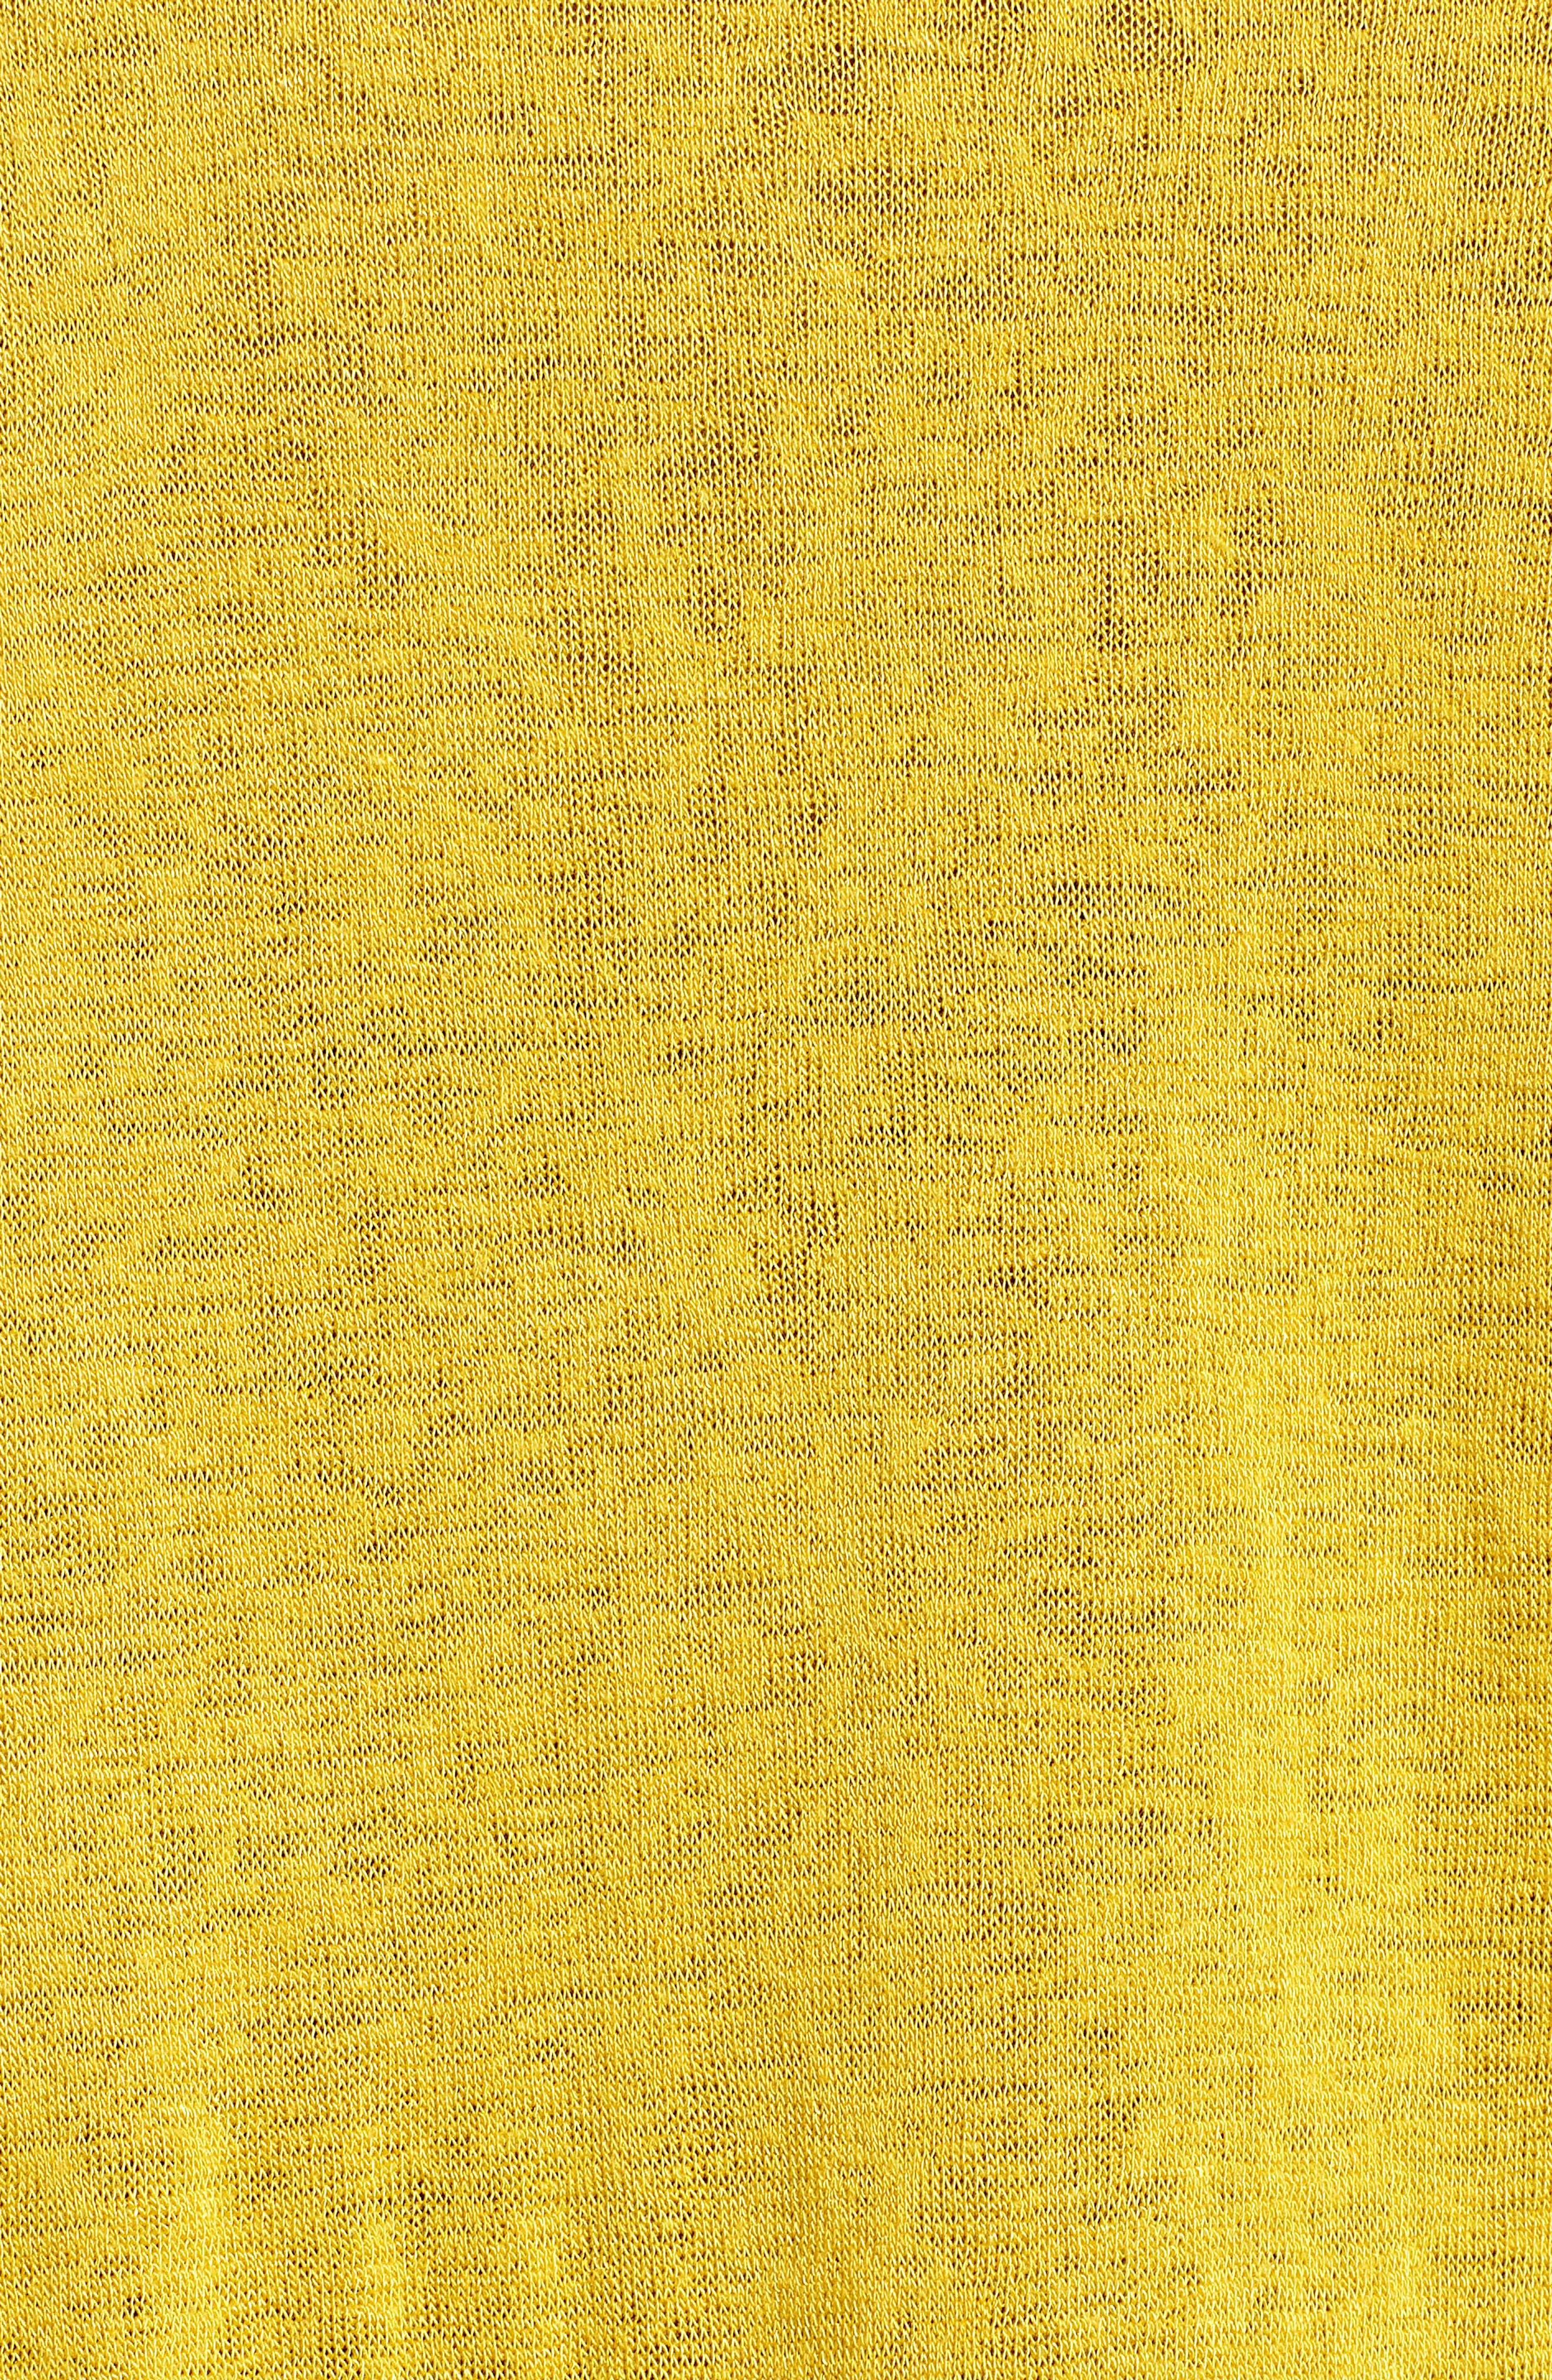 Tuck Sleeve Sweatshirt,                             Alternate thumbnail 31, color,